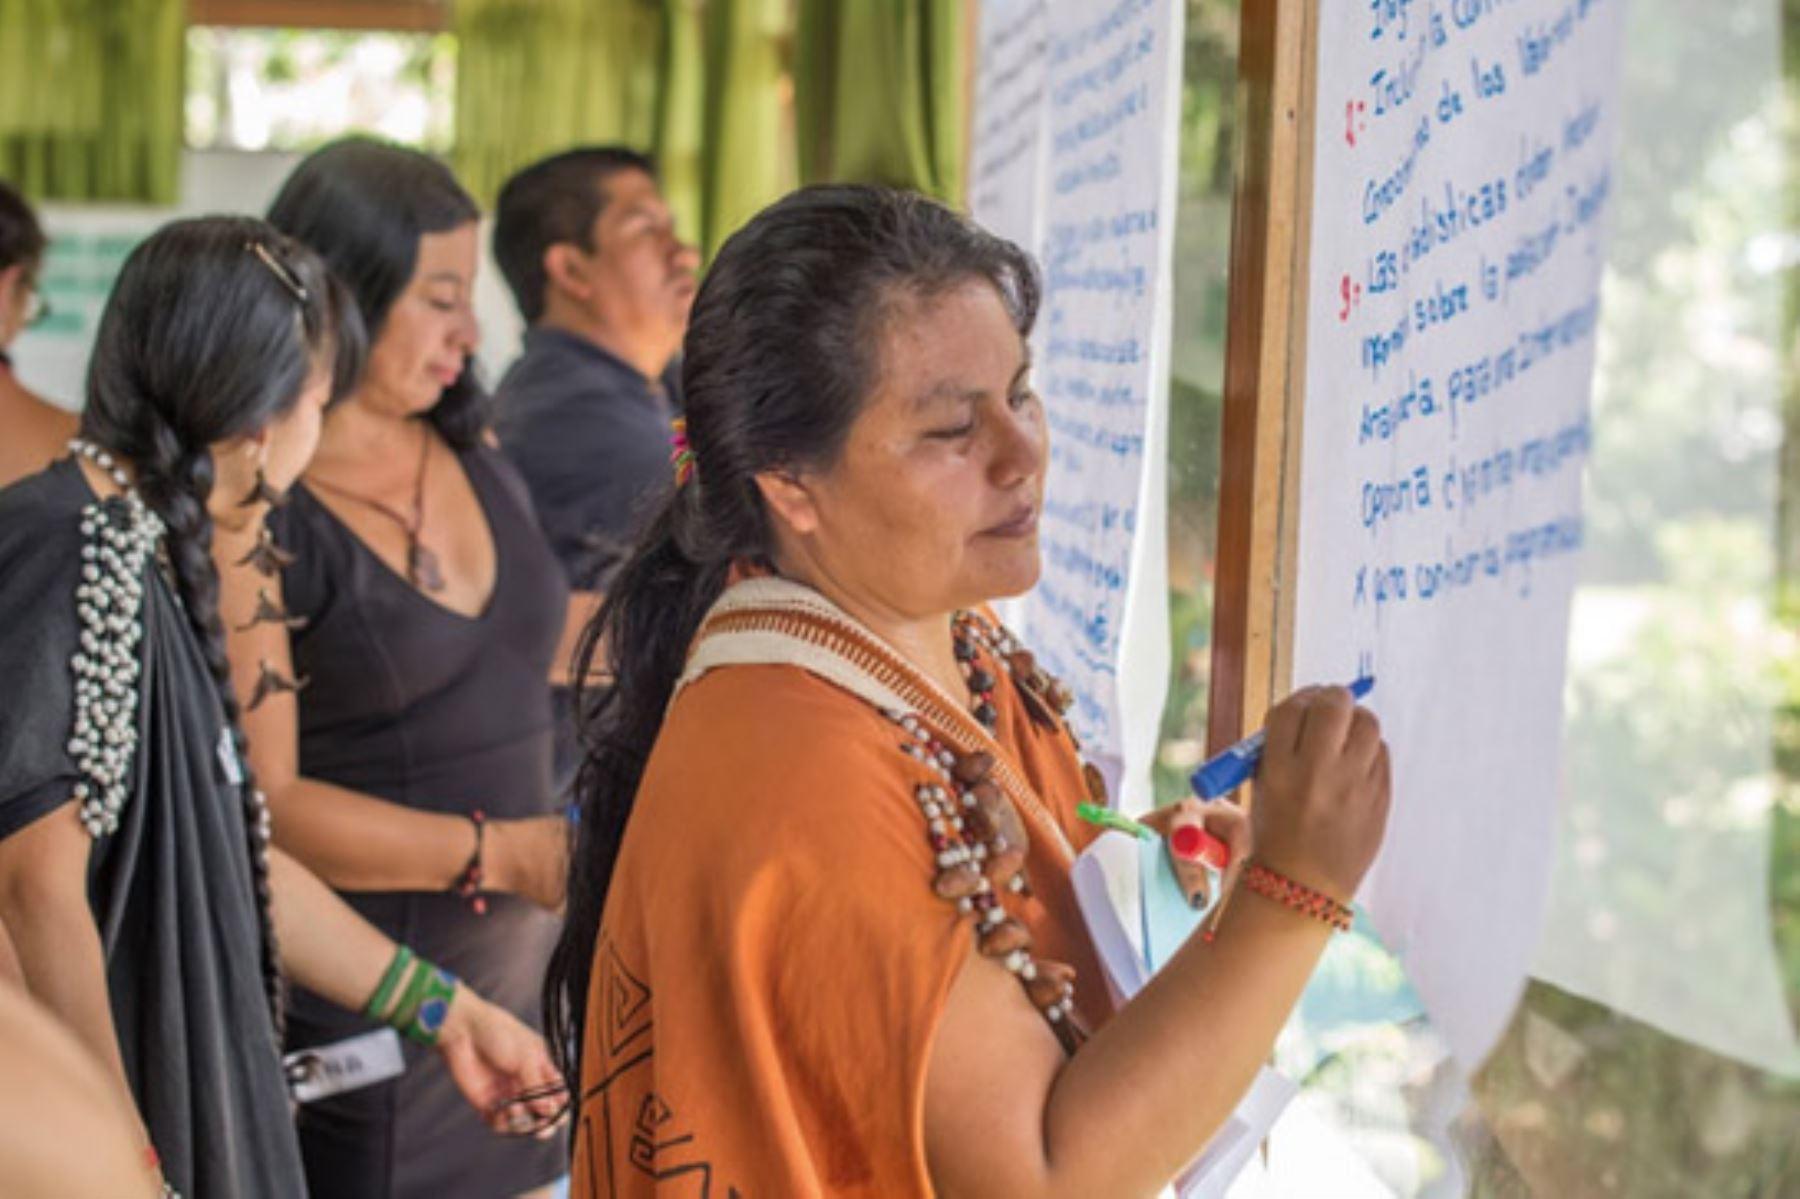 Los planes locales deben considerar como mínimo el análisis de los riesgos ante los efectos del cambio climático. Foto: ANDINA/Difusión